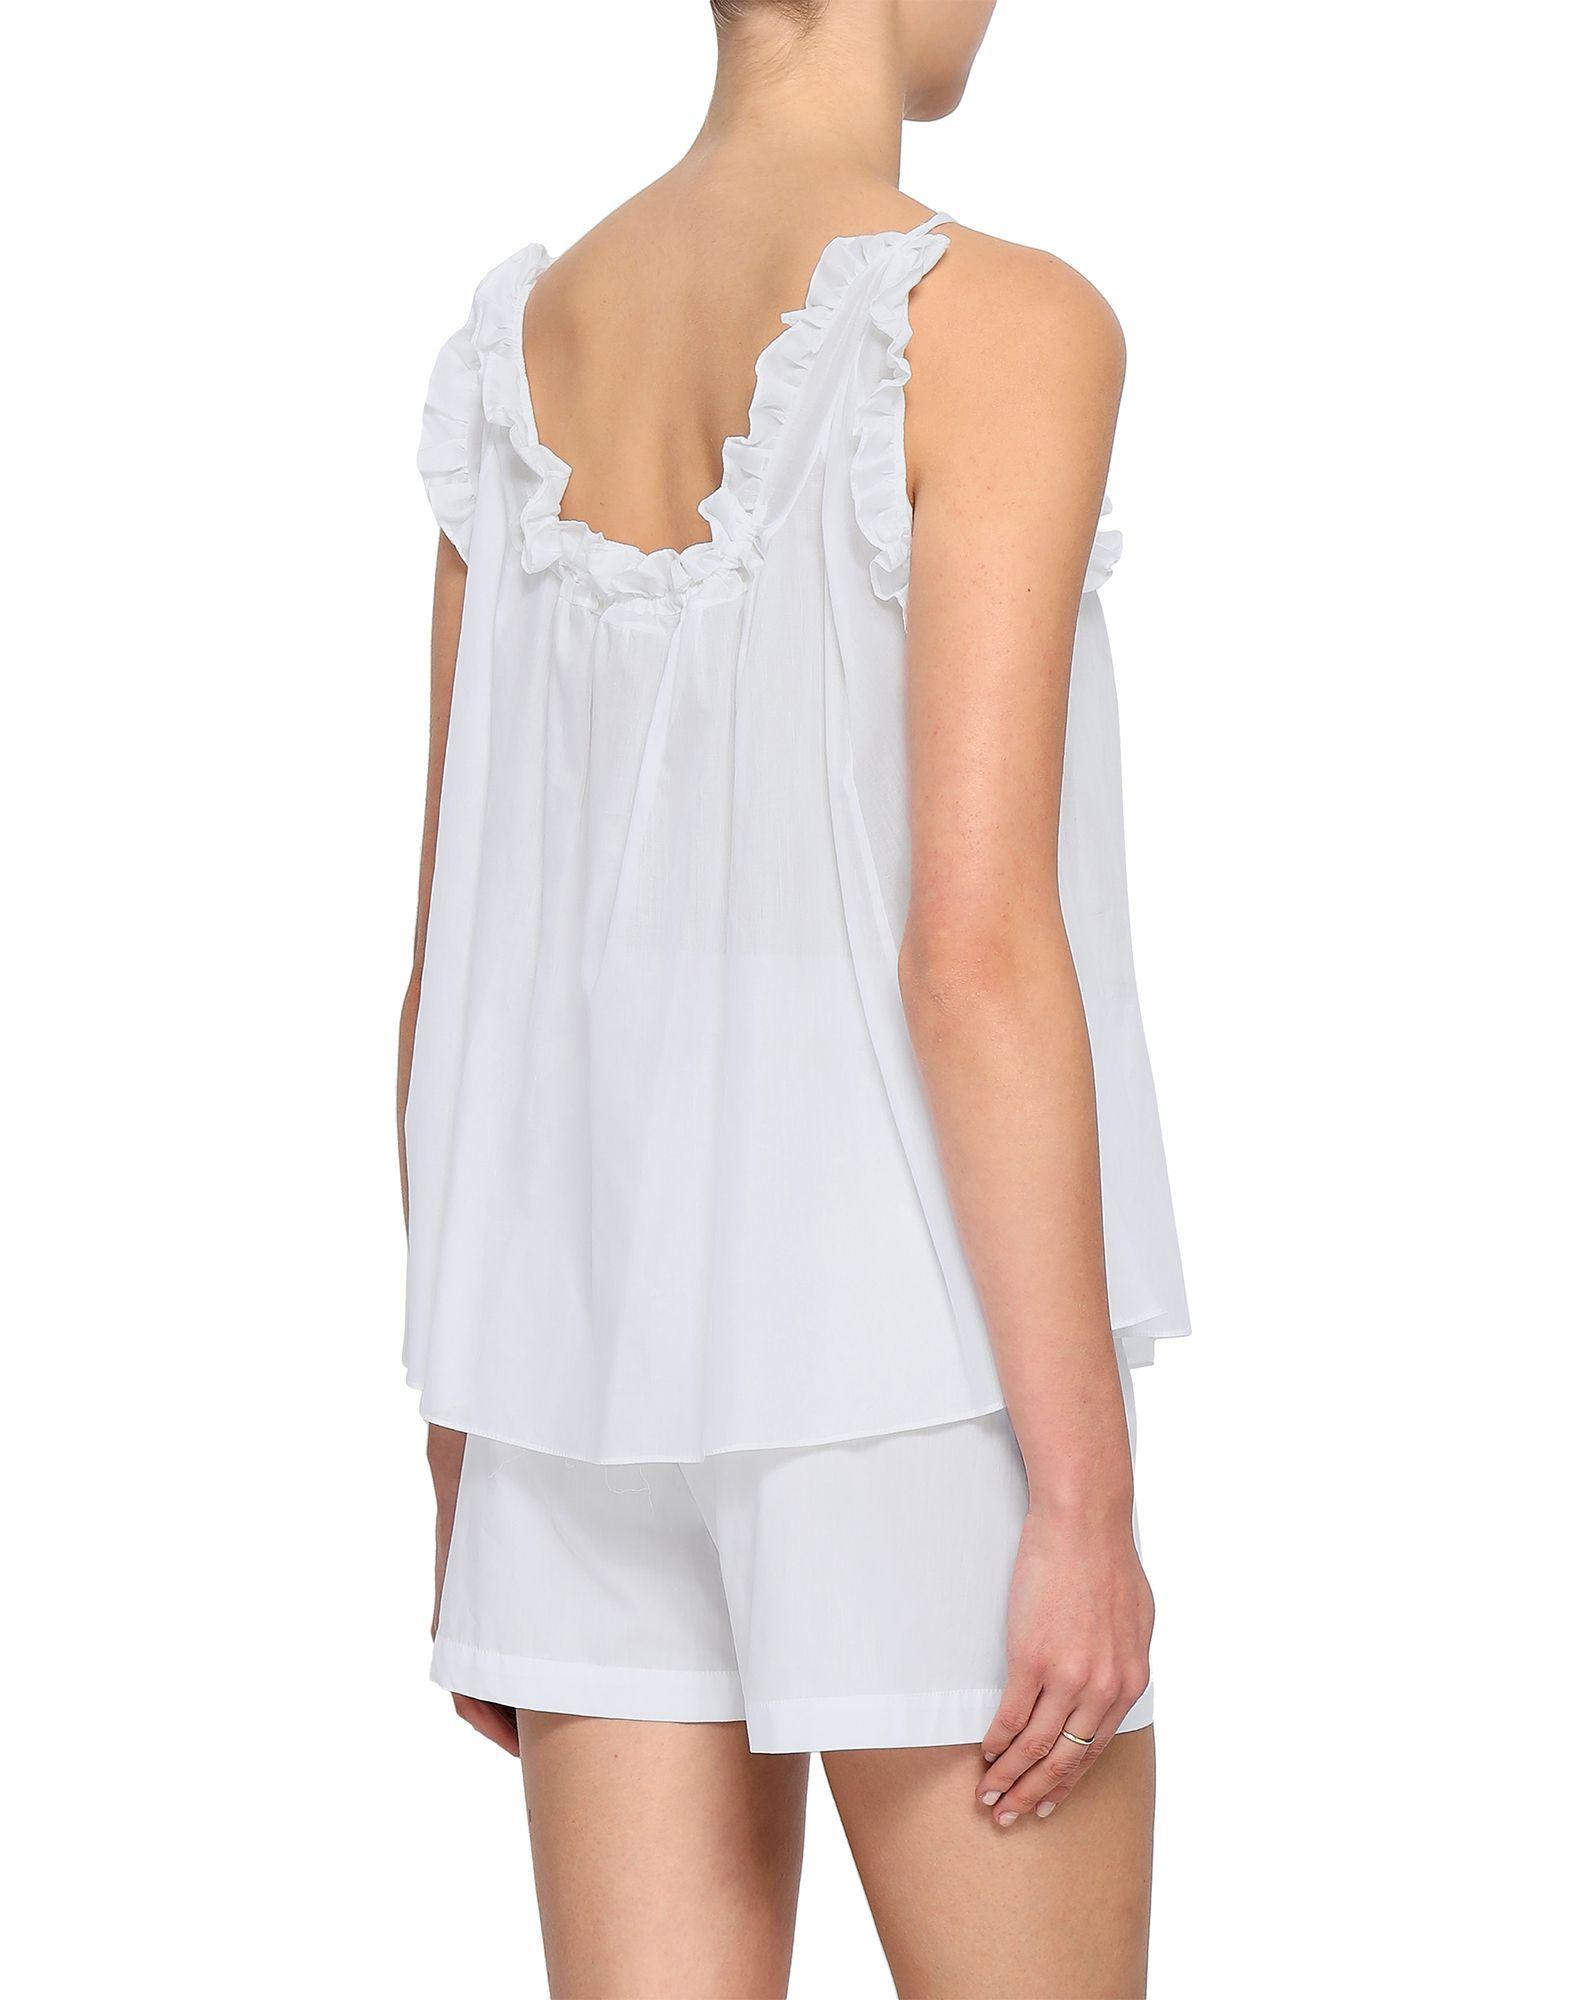 Three Graces London Women's Sleepwear Cotton